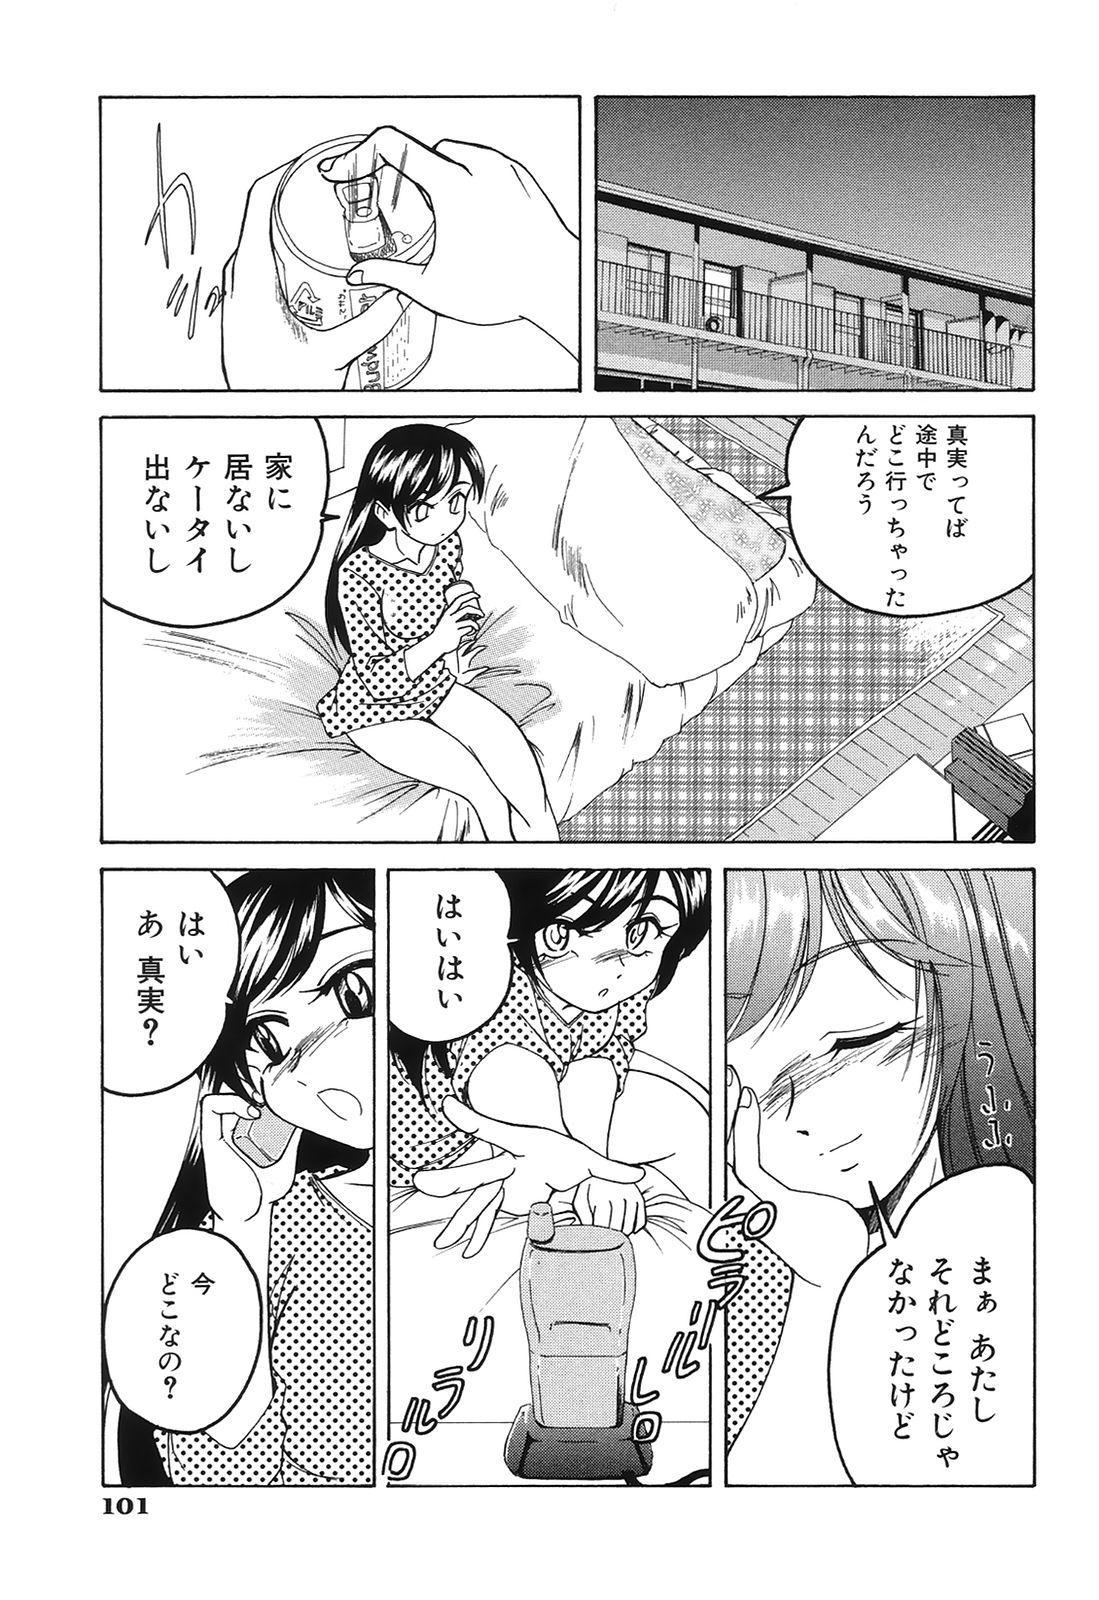 Omake No Musume 103